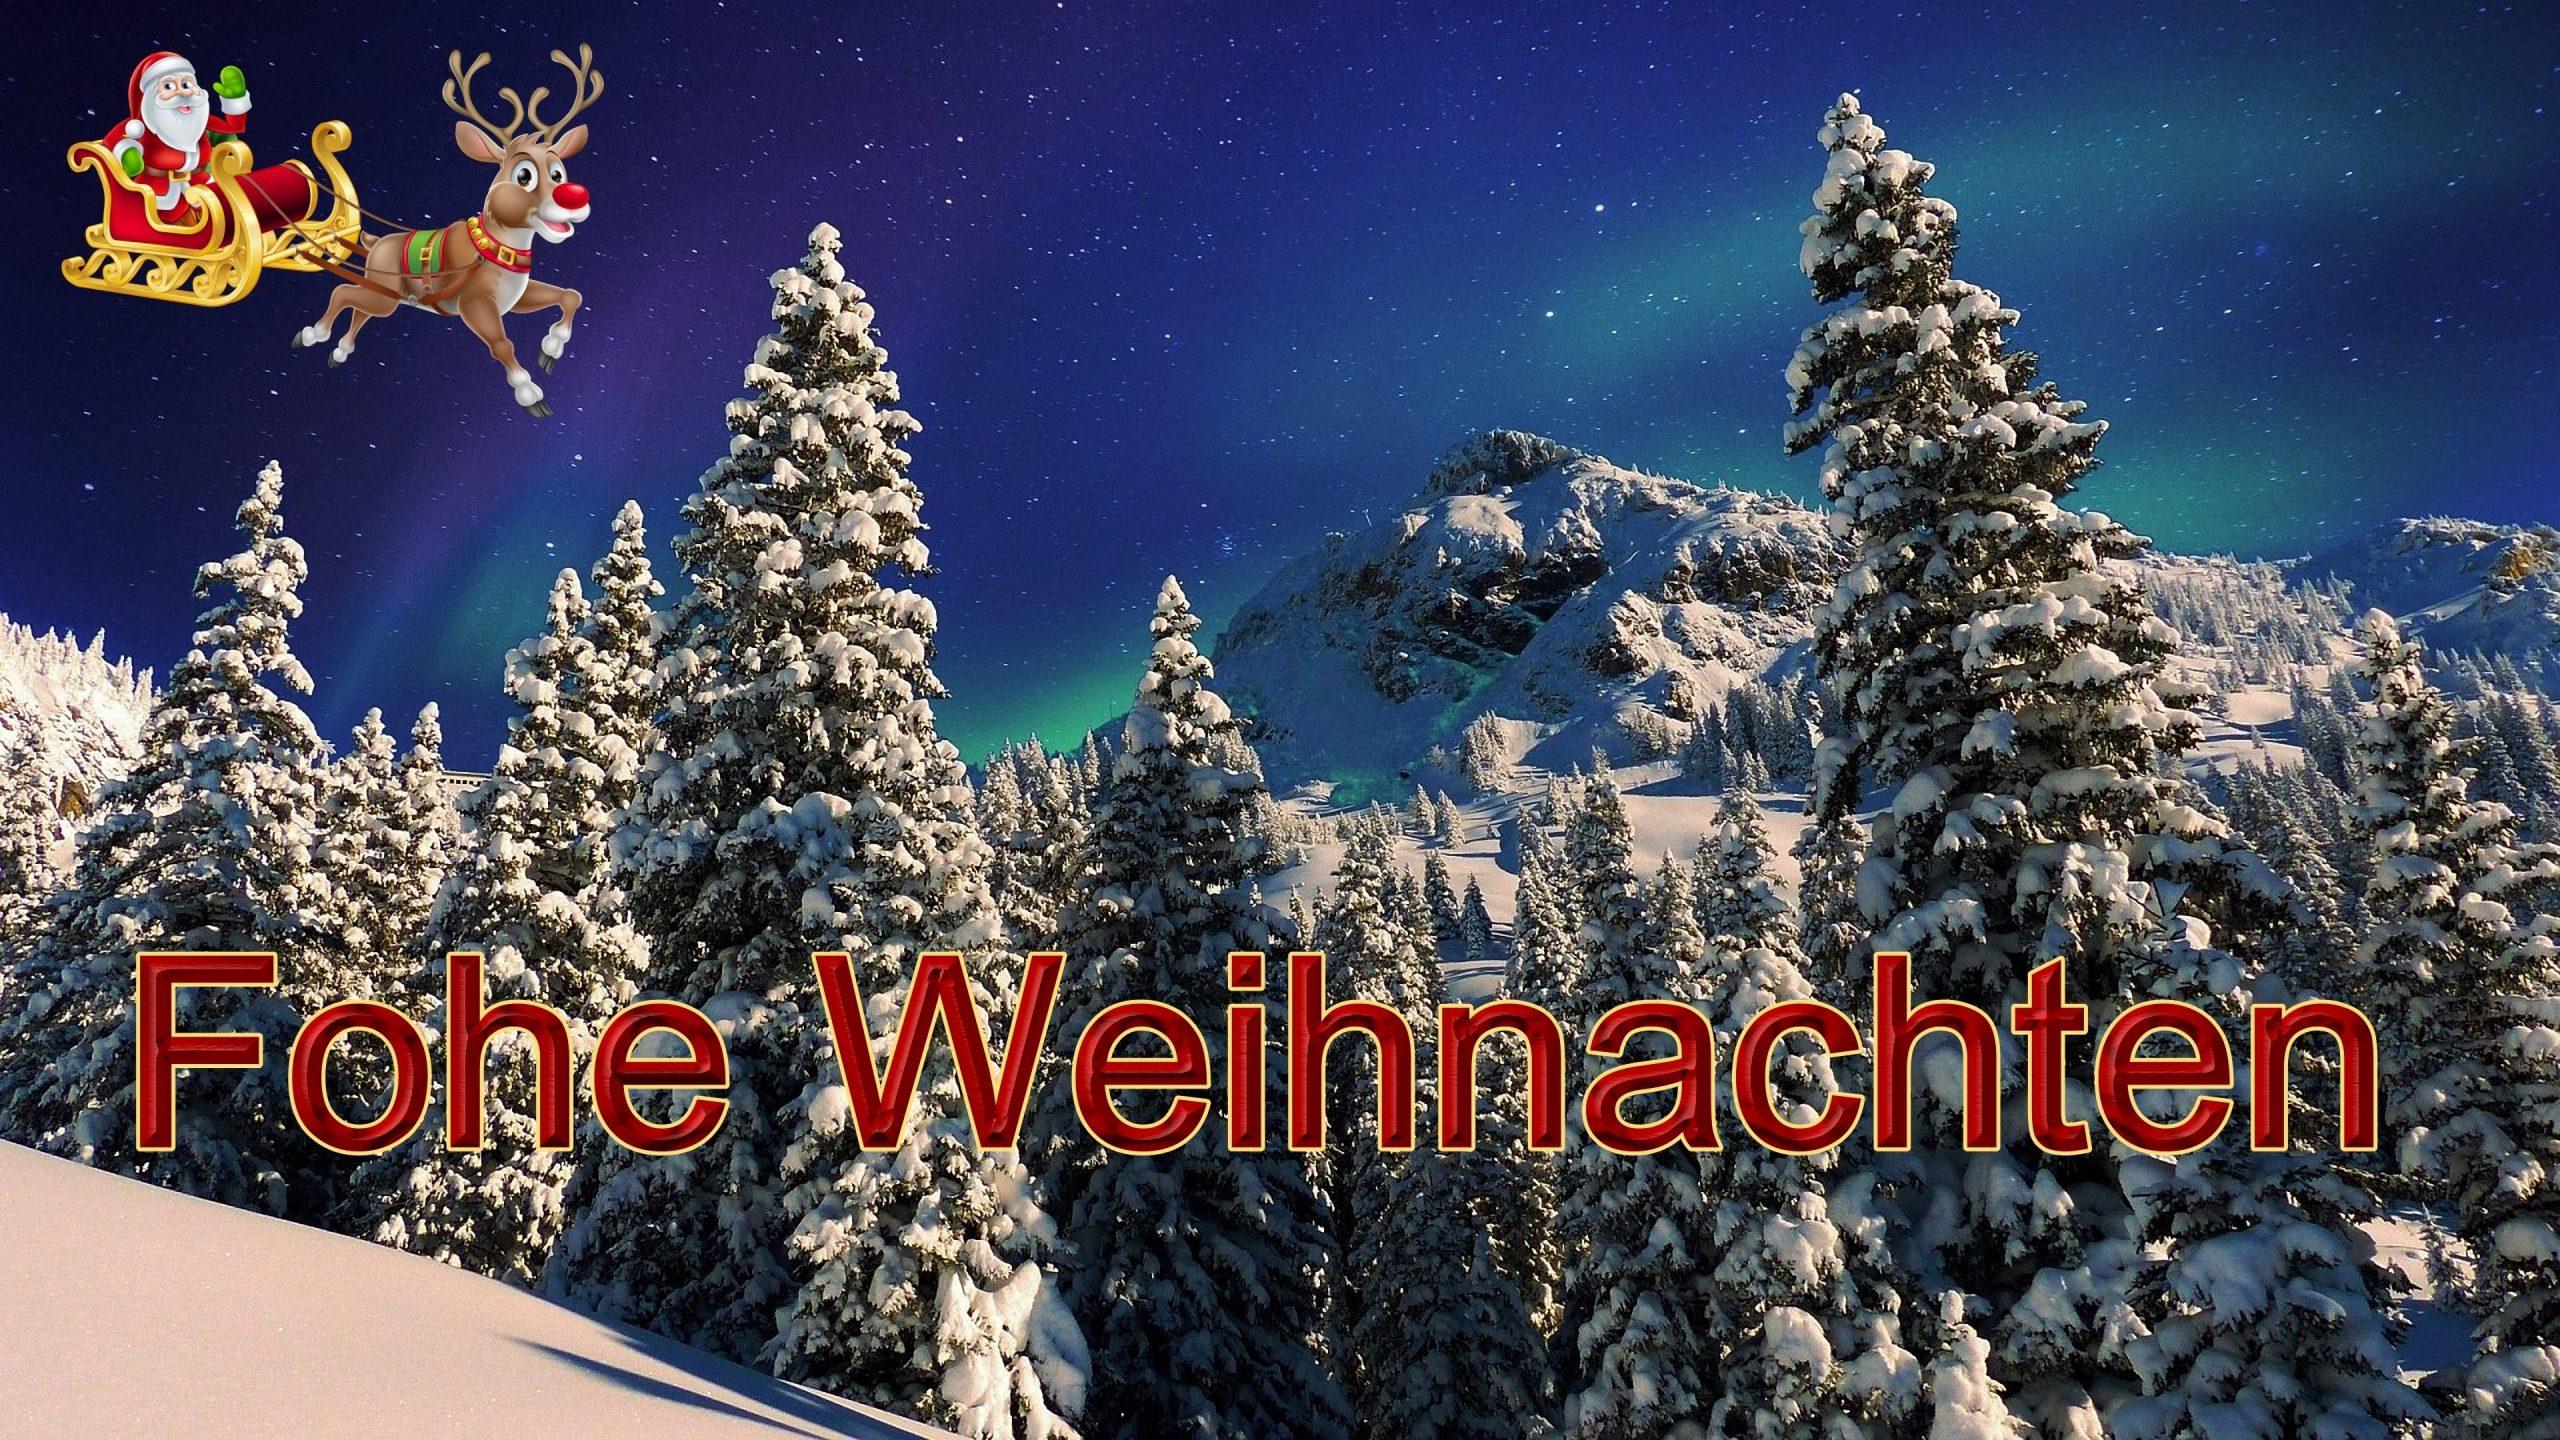 Hintergrundbilder Weihnachten Gratis über Weihnachtsbilder Fröhliche Weihnachten